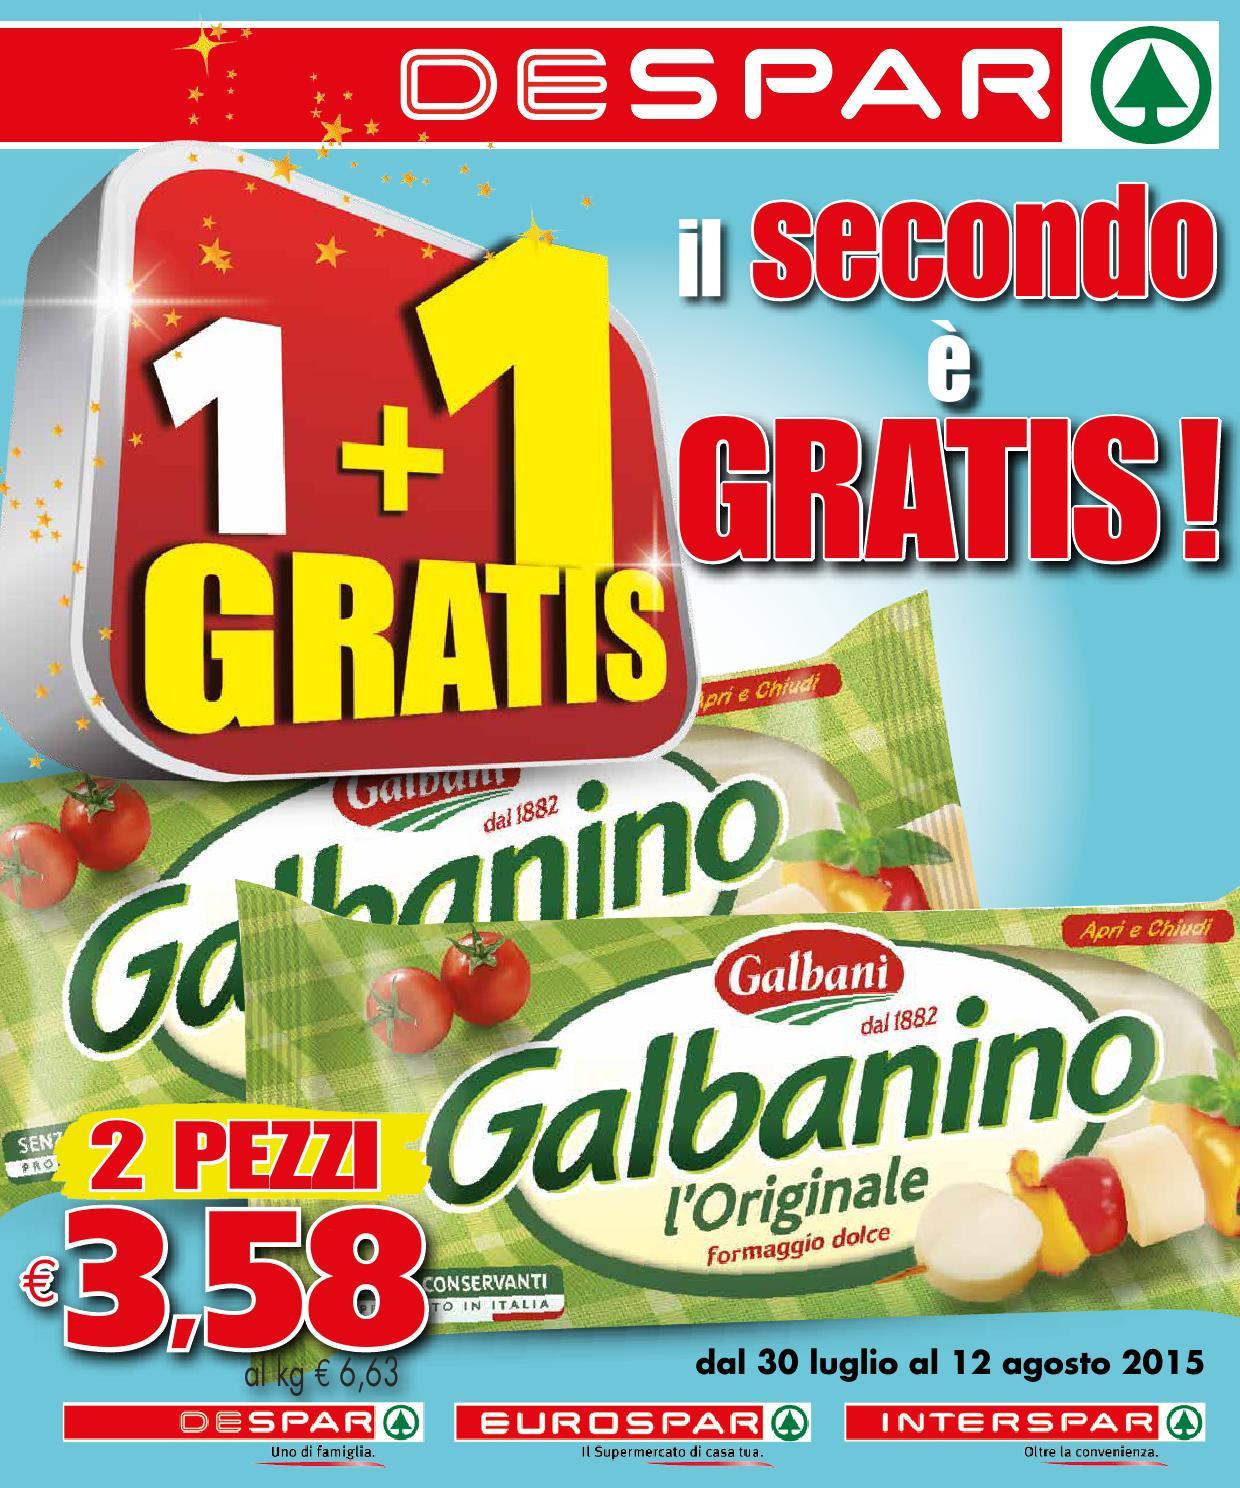 Volantino despar 30 luglio 12 agosto 2015 by despar for Volantino offerte despar messina